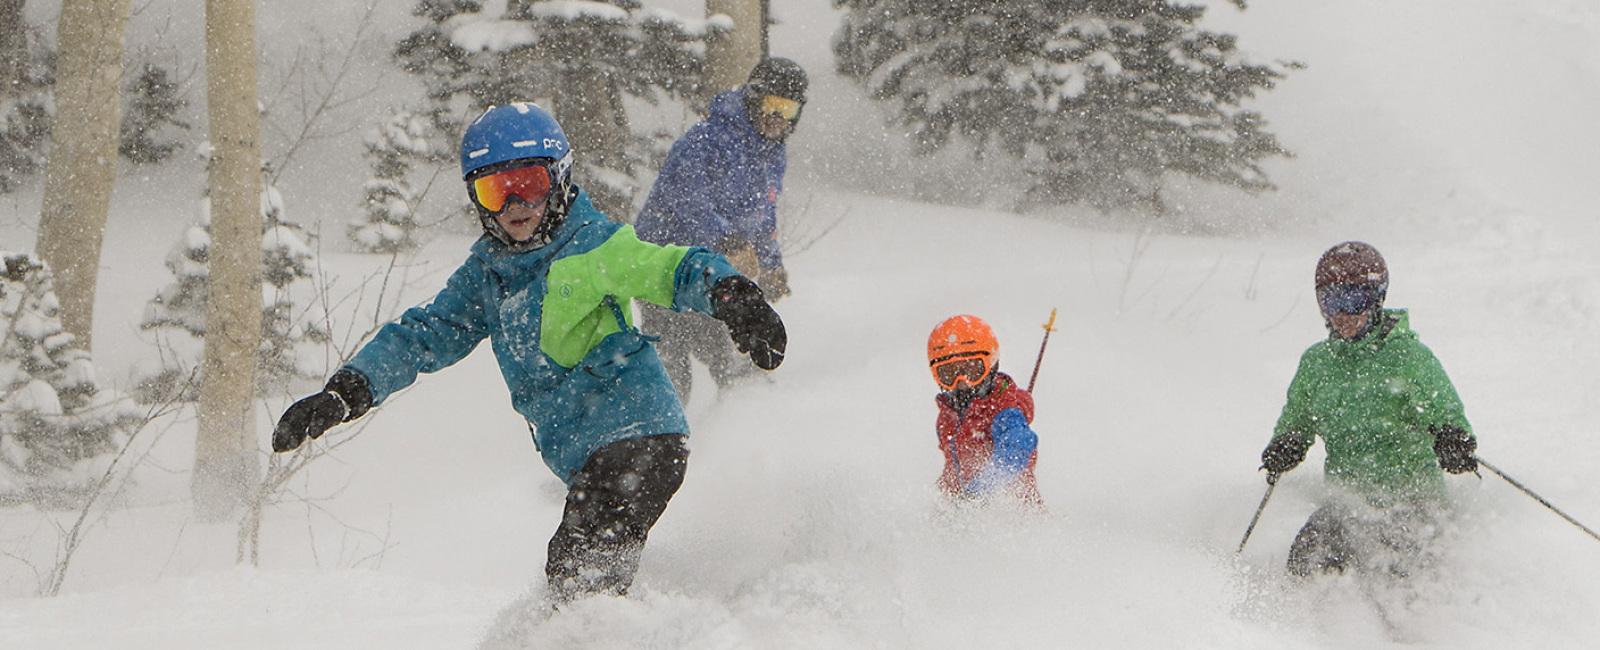 Rentskis-Ski Rental Delivery